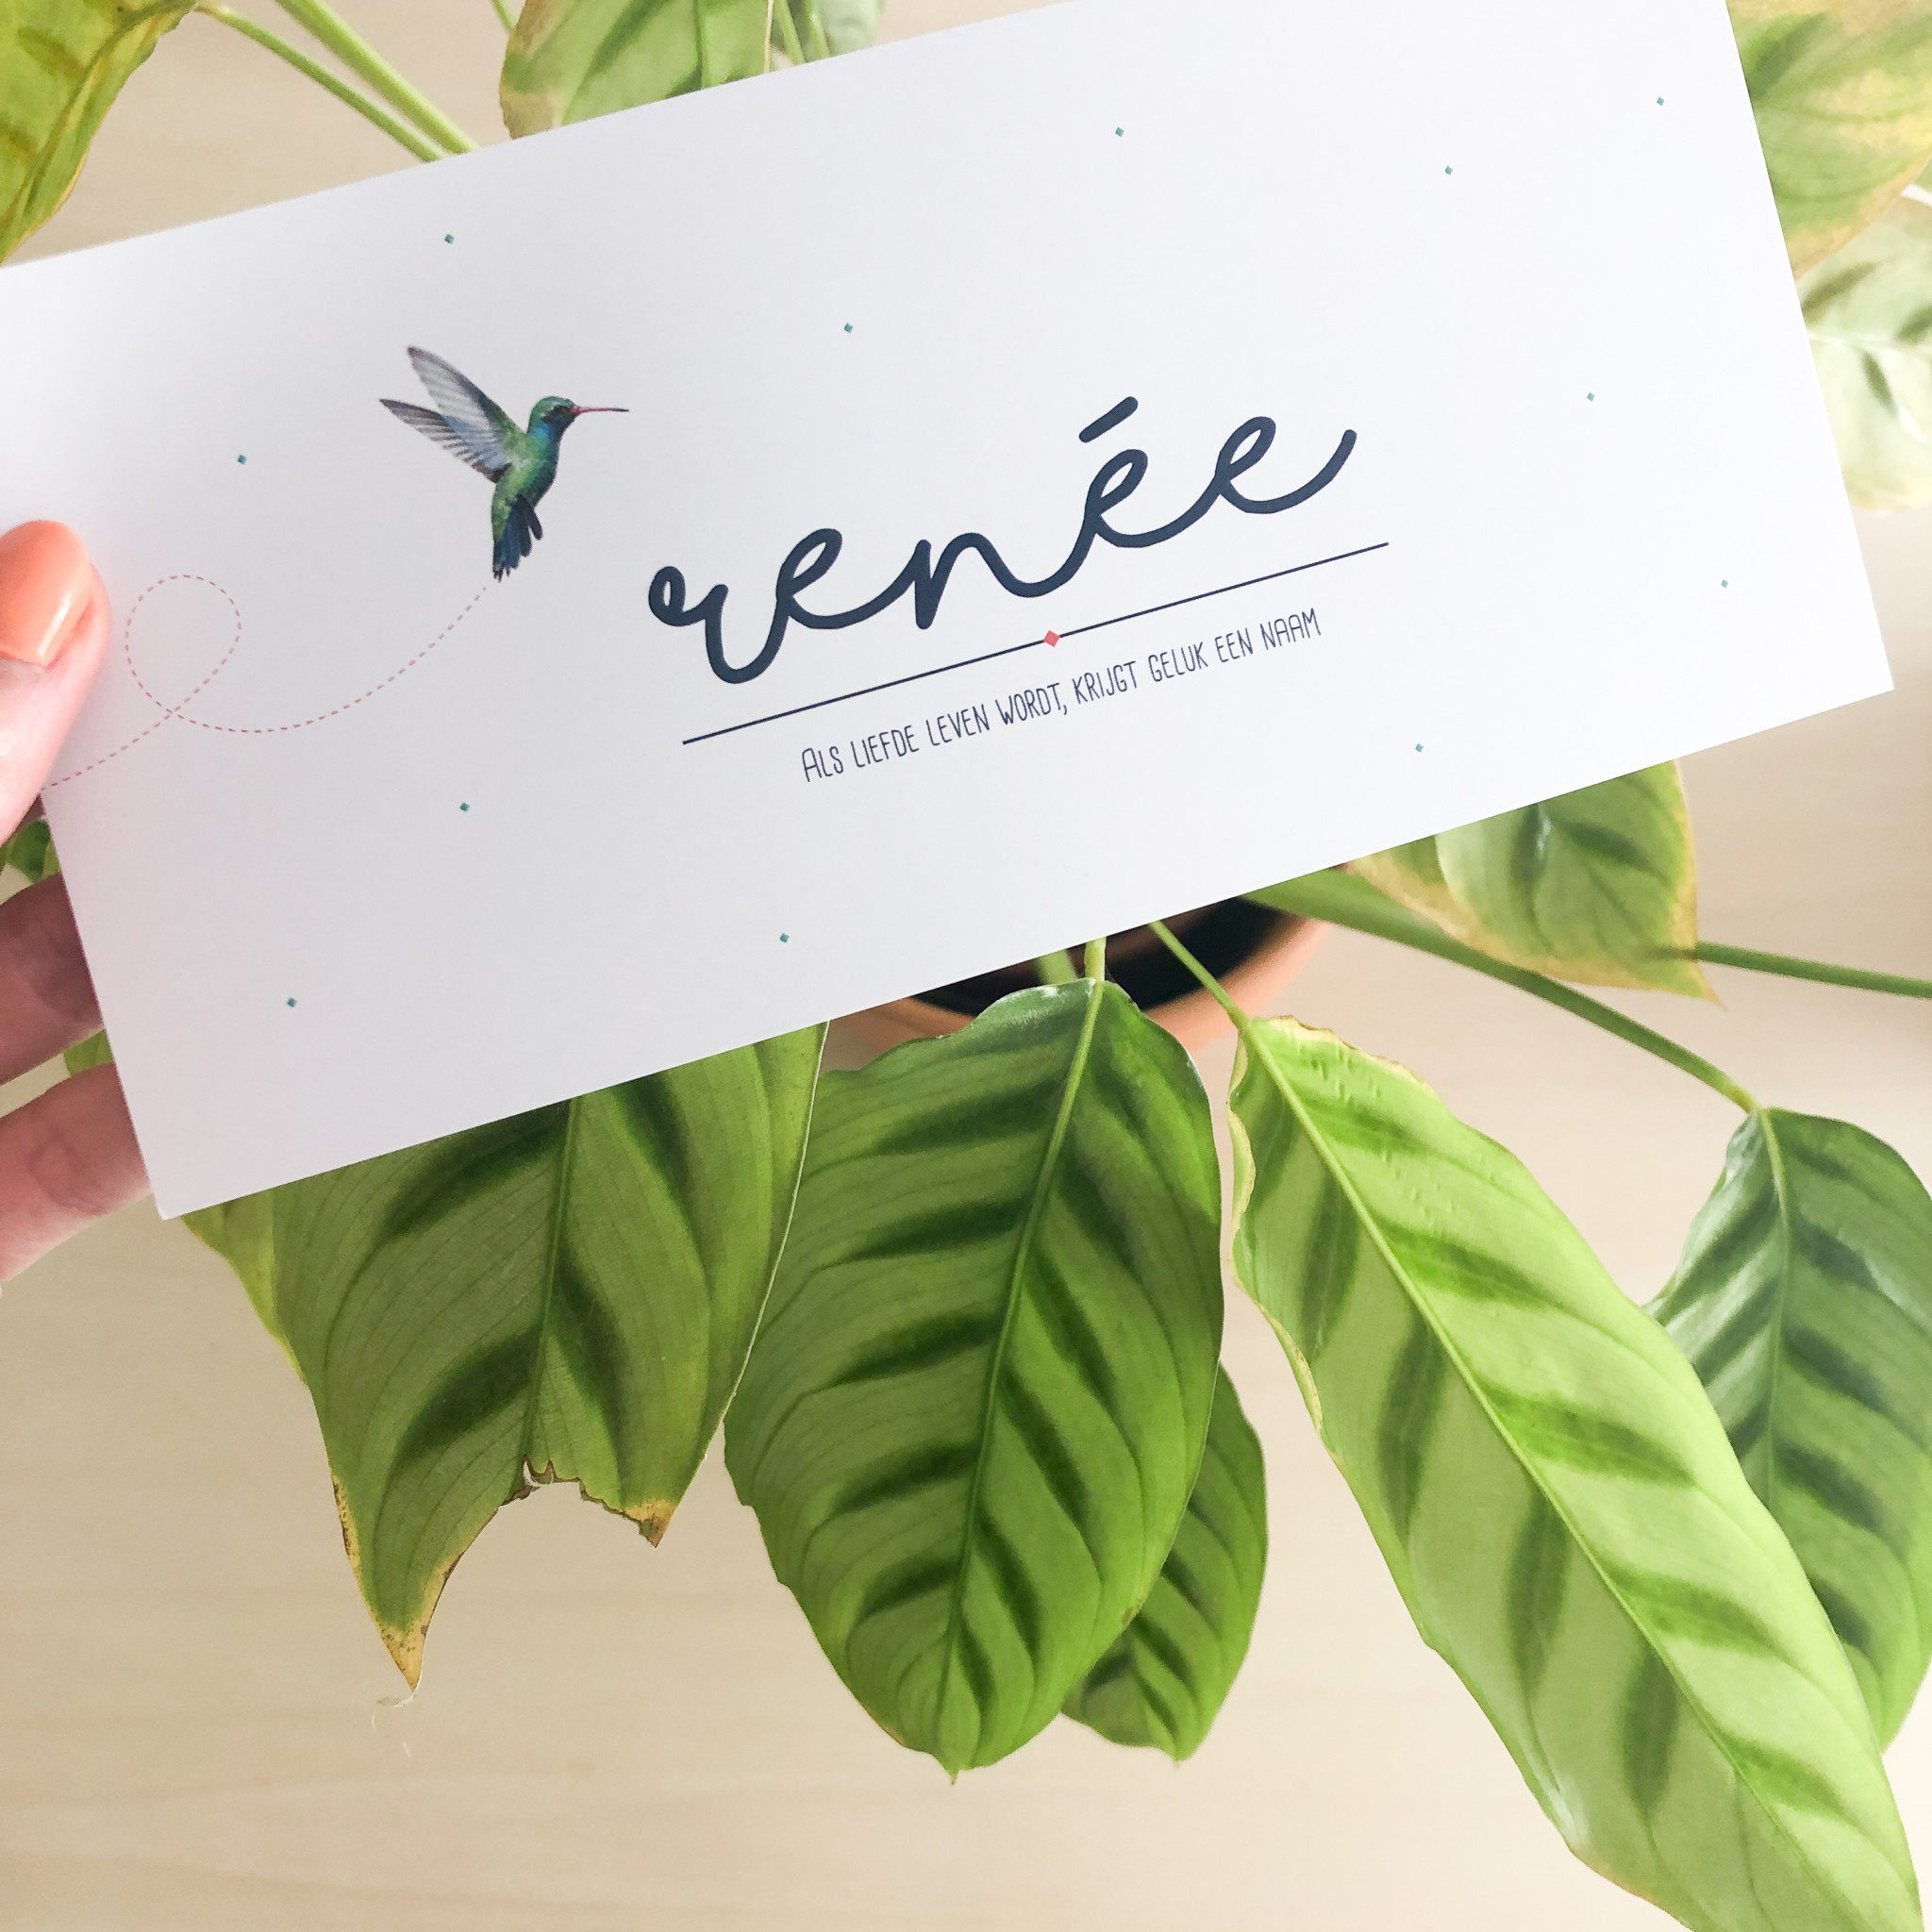 geboren 07-24 Renée